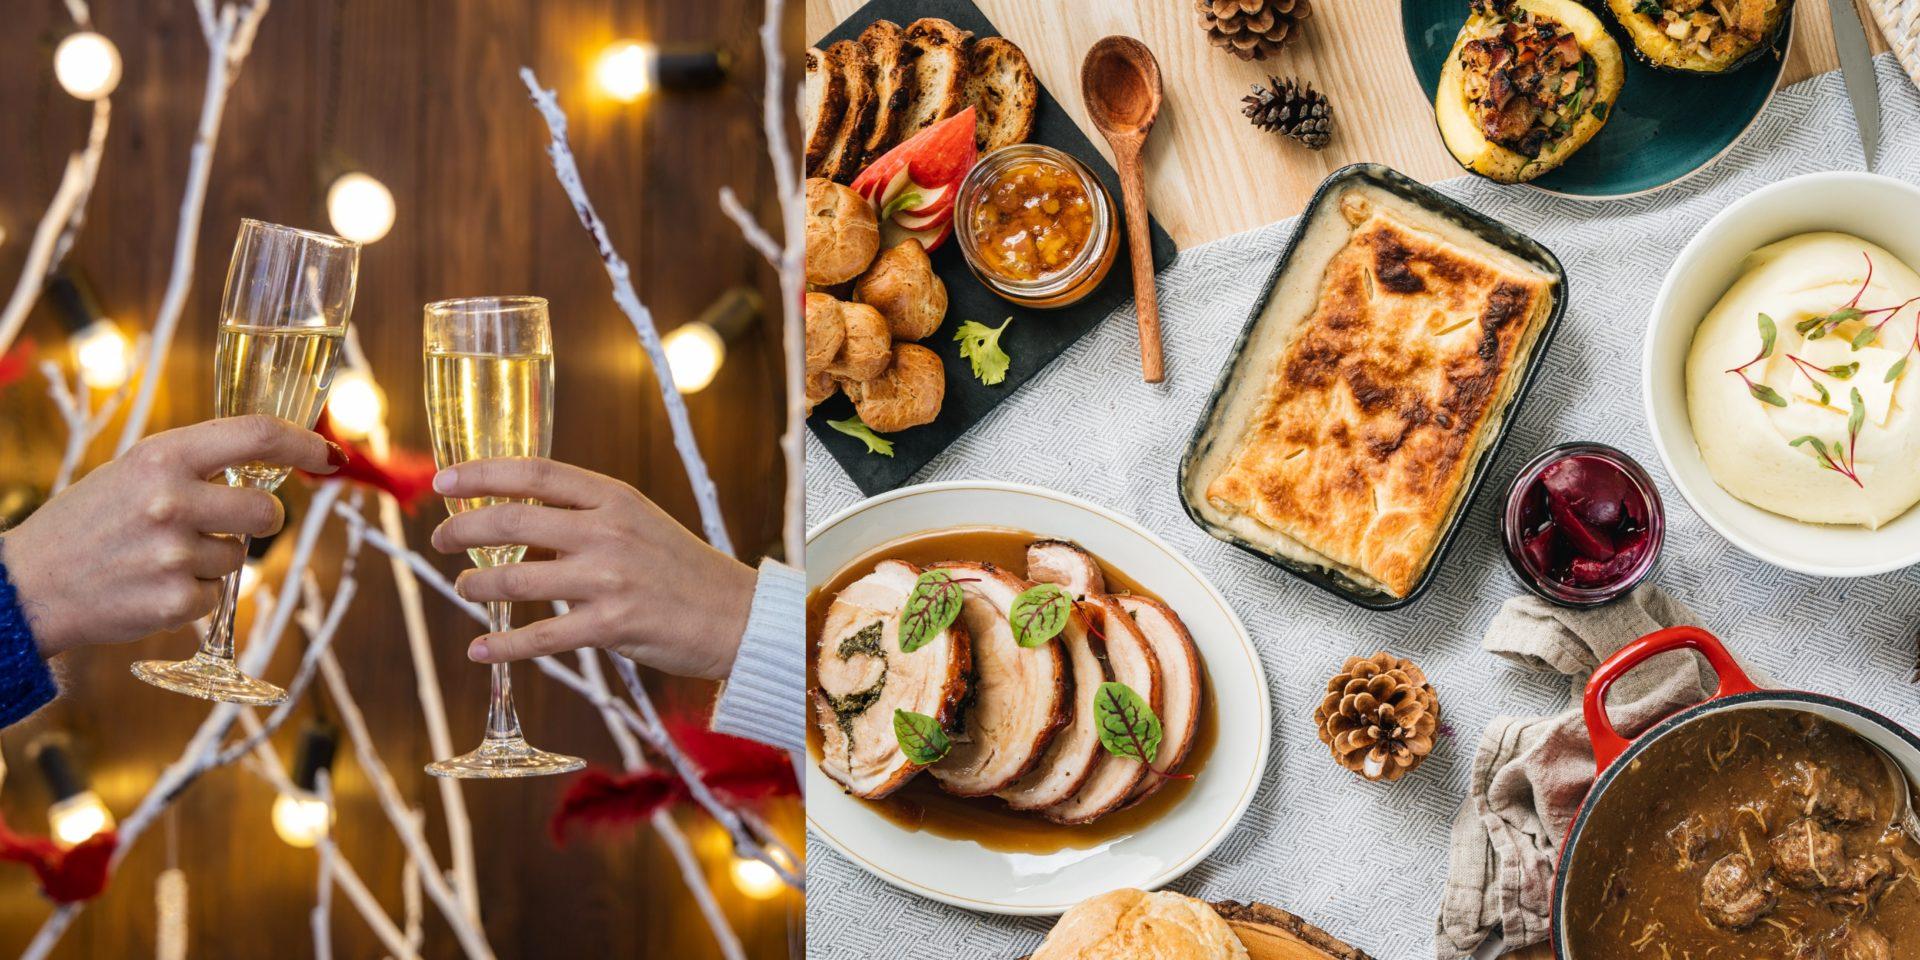 Voici 4 boîtes-repas parfaites pour le temps des fêtes!